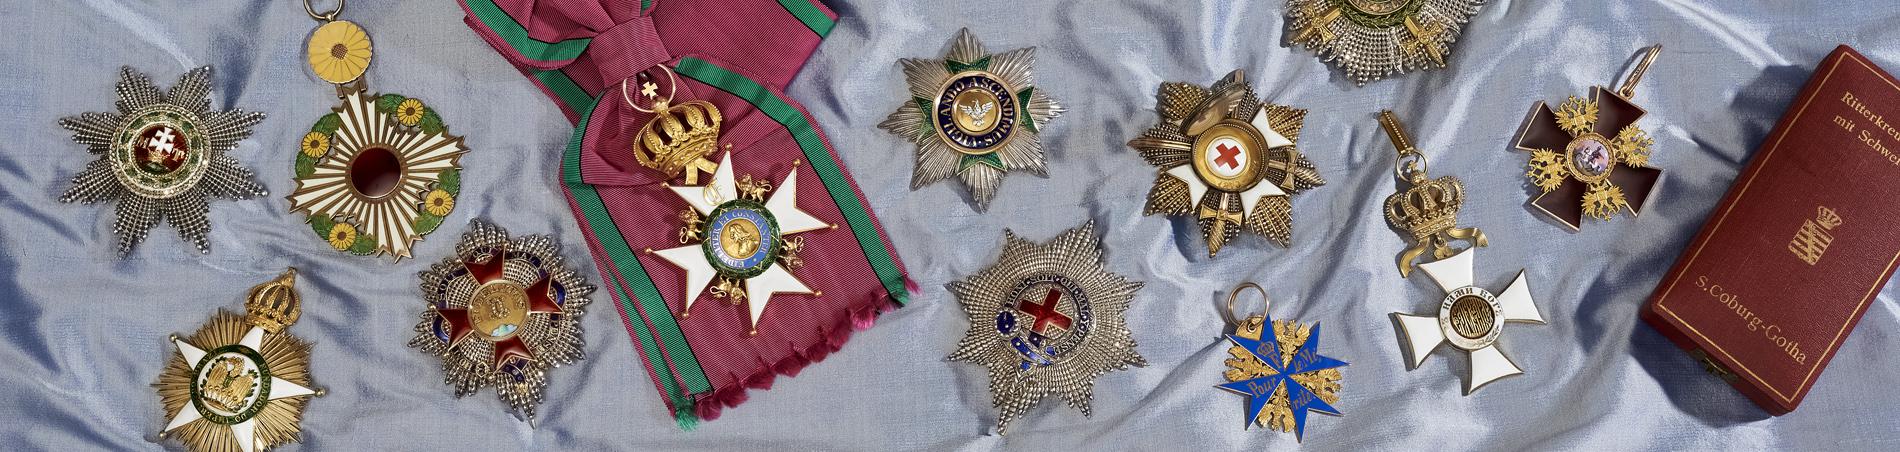 Orden und Ehrenzeichen in den Kunstsammlungen der Veste Coburg